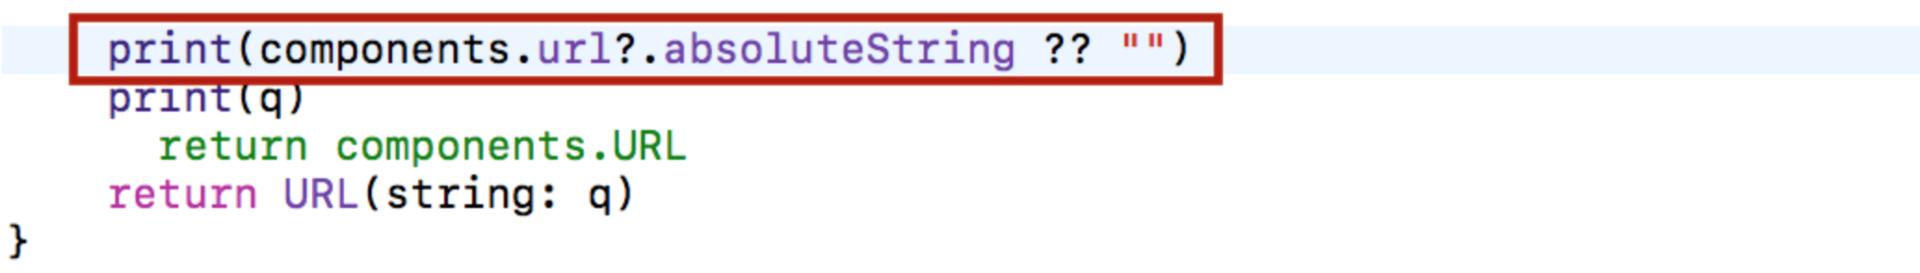 Переходим на Swift 3 с помощью миграционного «робота» в Xcode 8.1 и 8.2 - 10